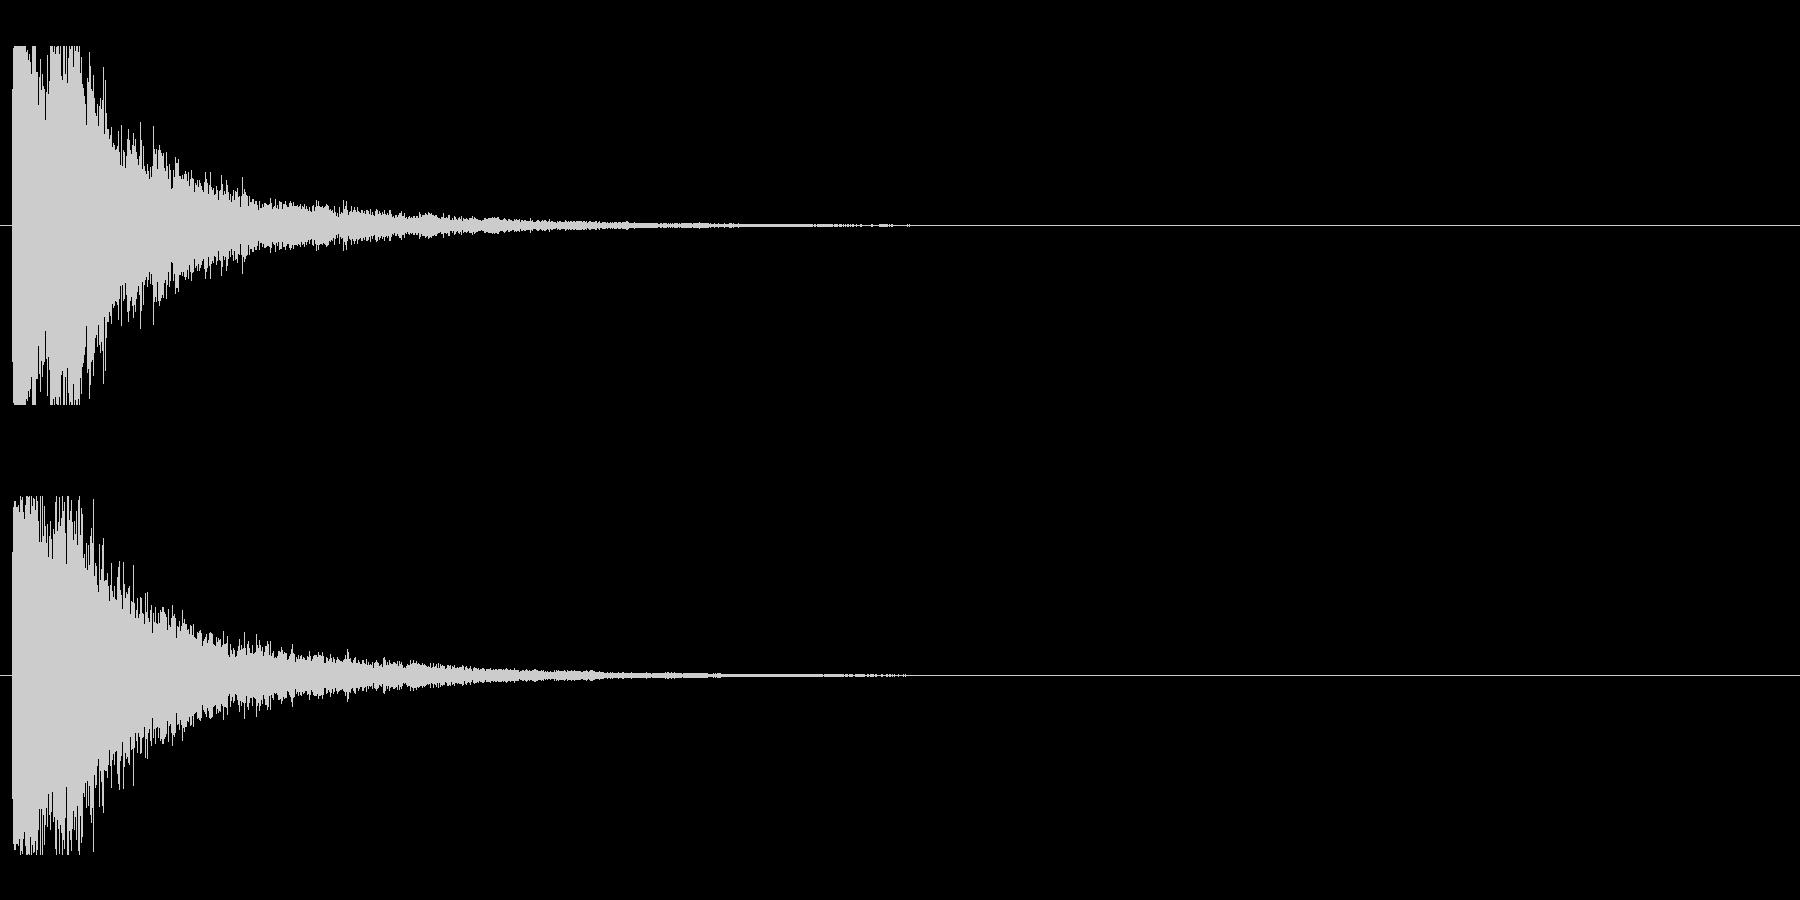 レーザー音-04-1の未再生の波形